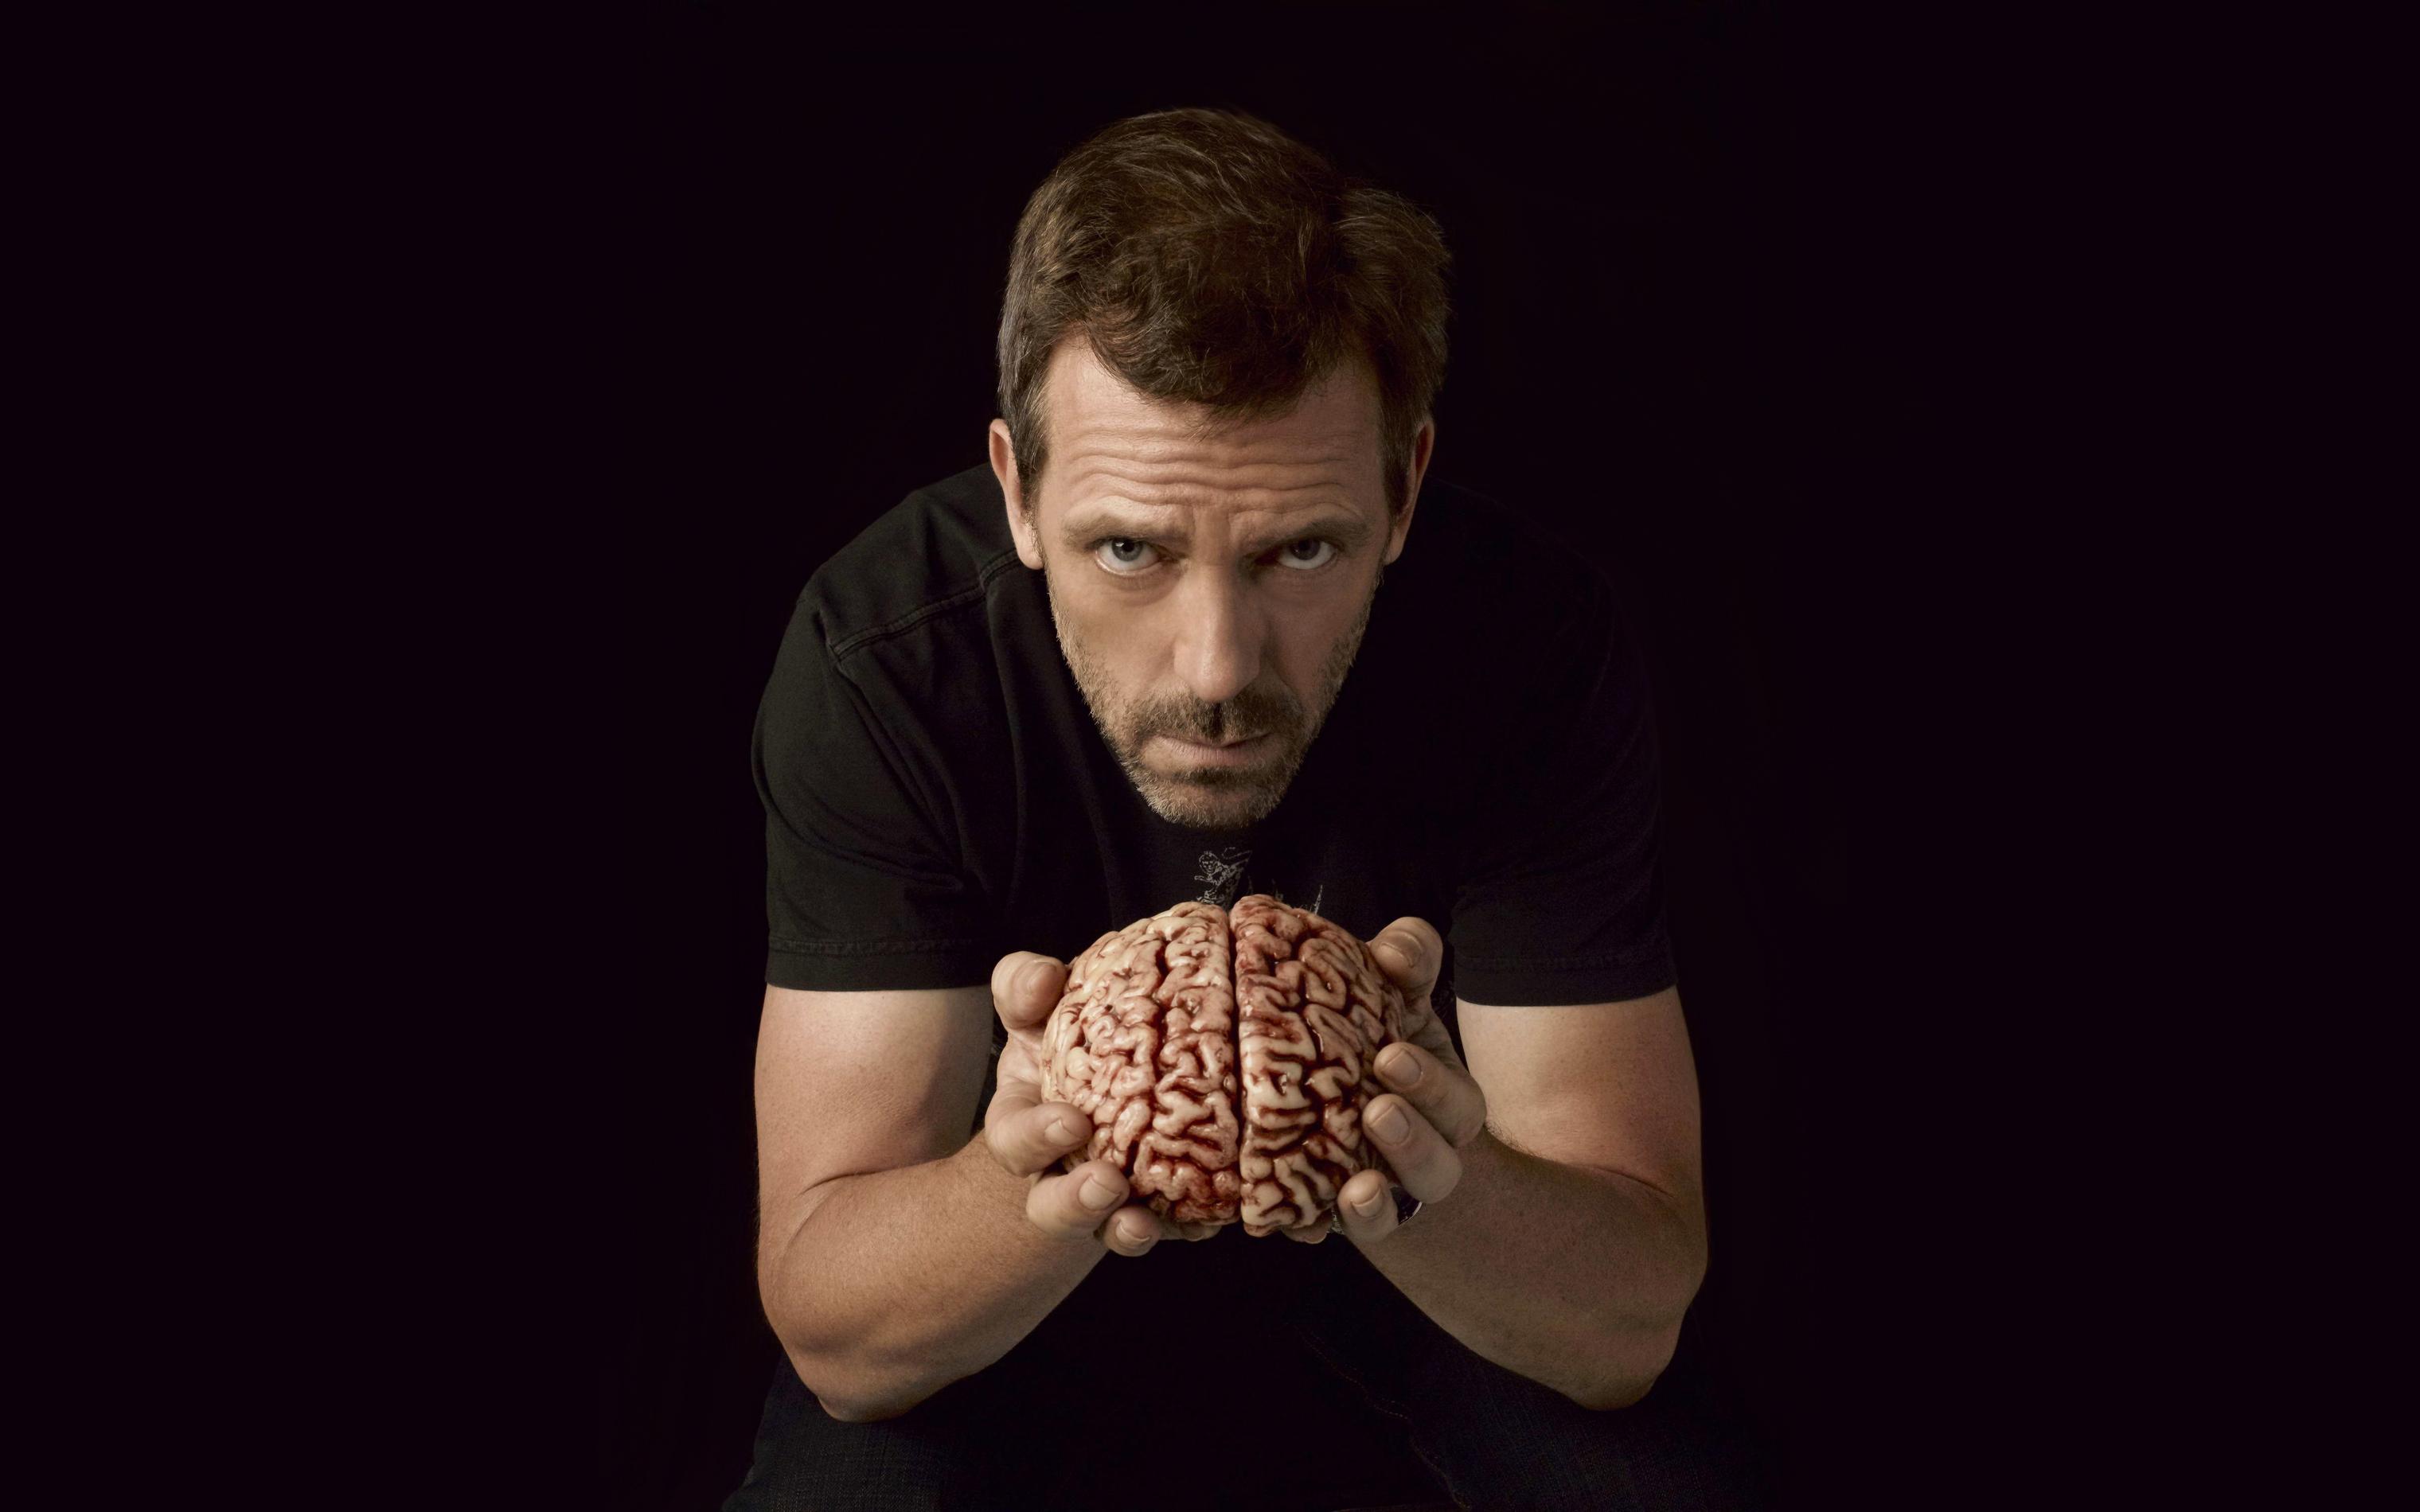 откидной настенный мозг он нужен тебе картинки более